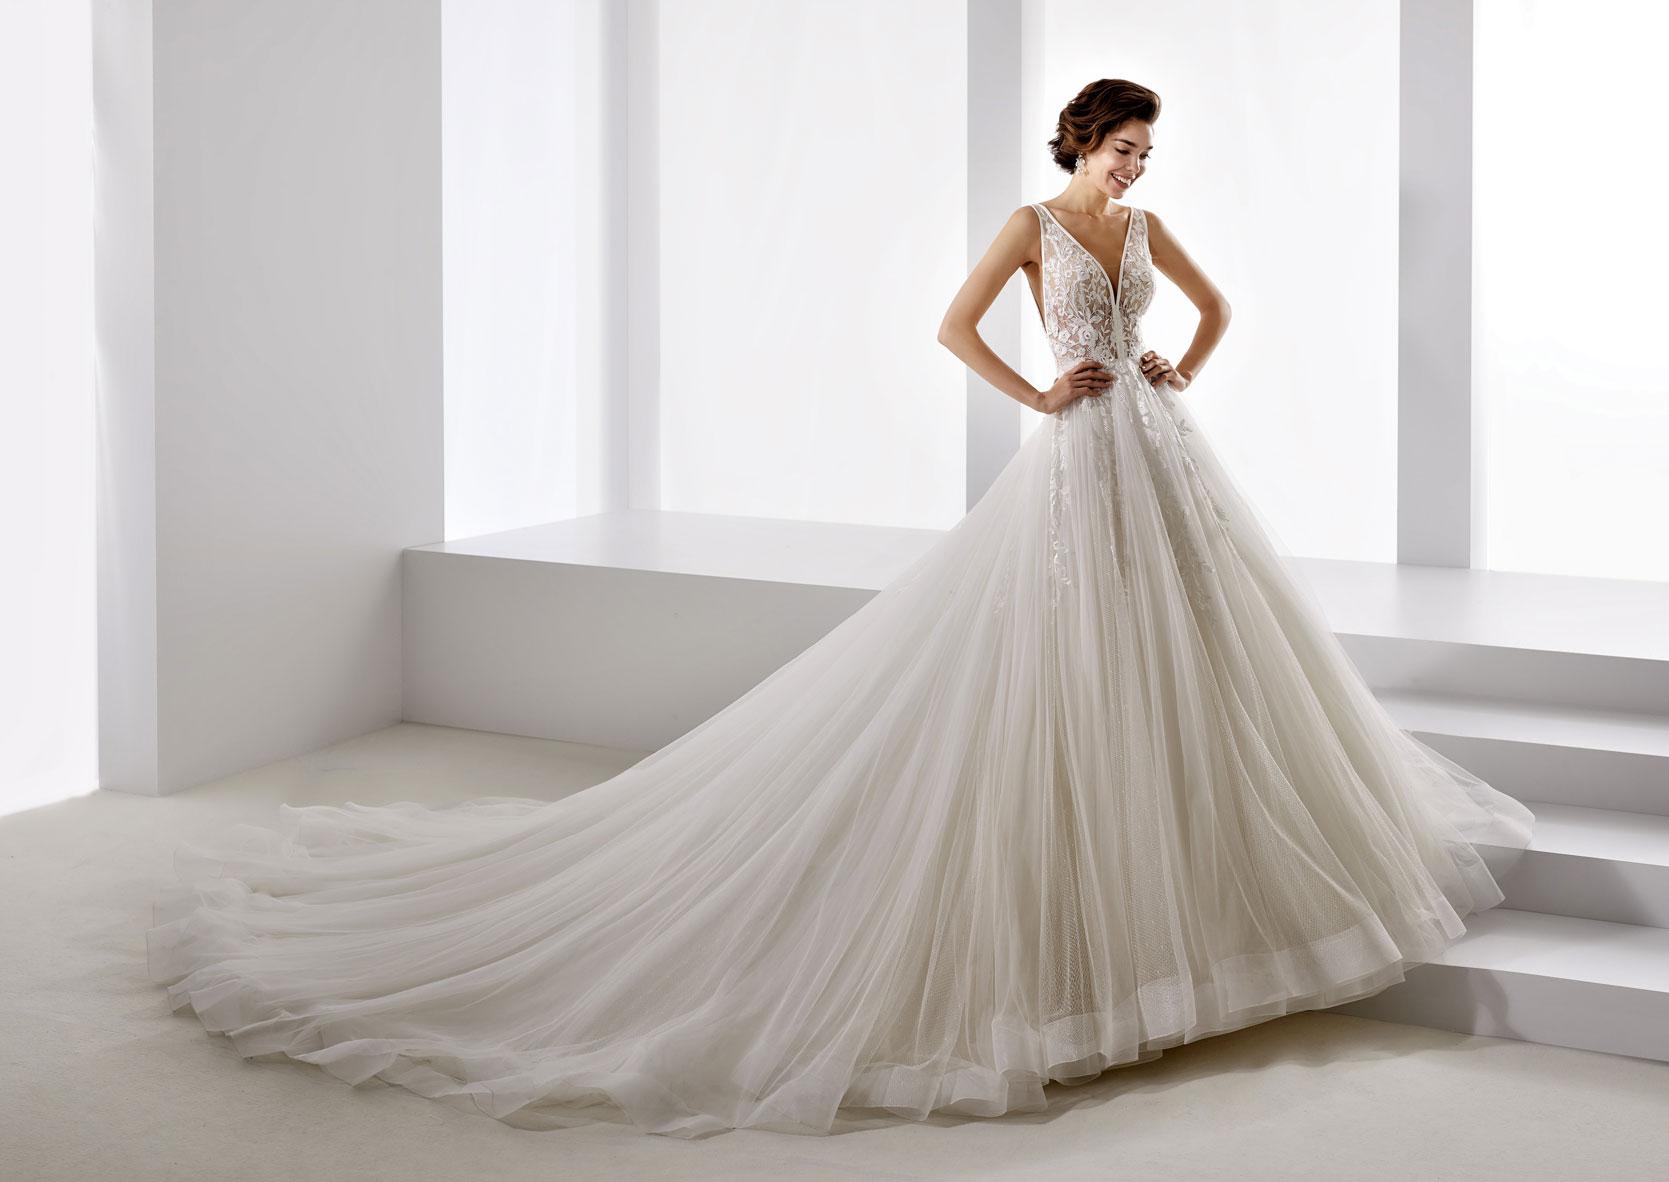 Hochzeitskleider_Prinzessin-Prinzessin_Hochzeitskleid_Bonn